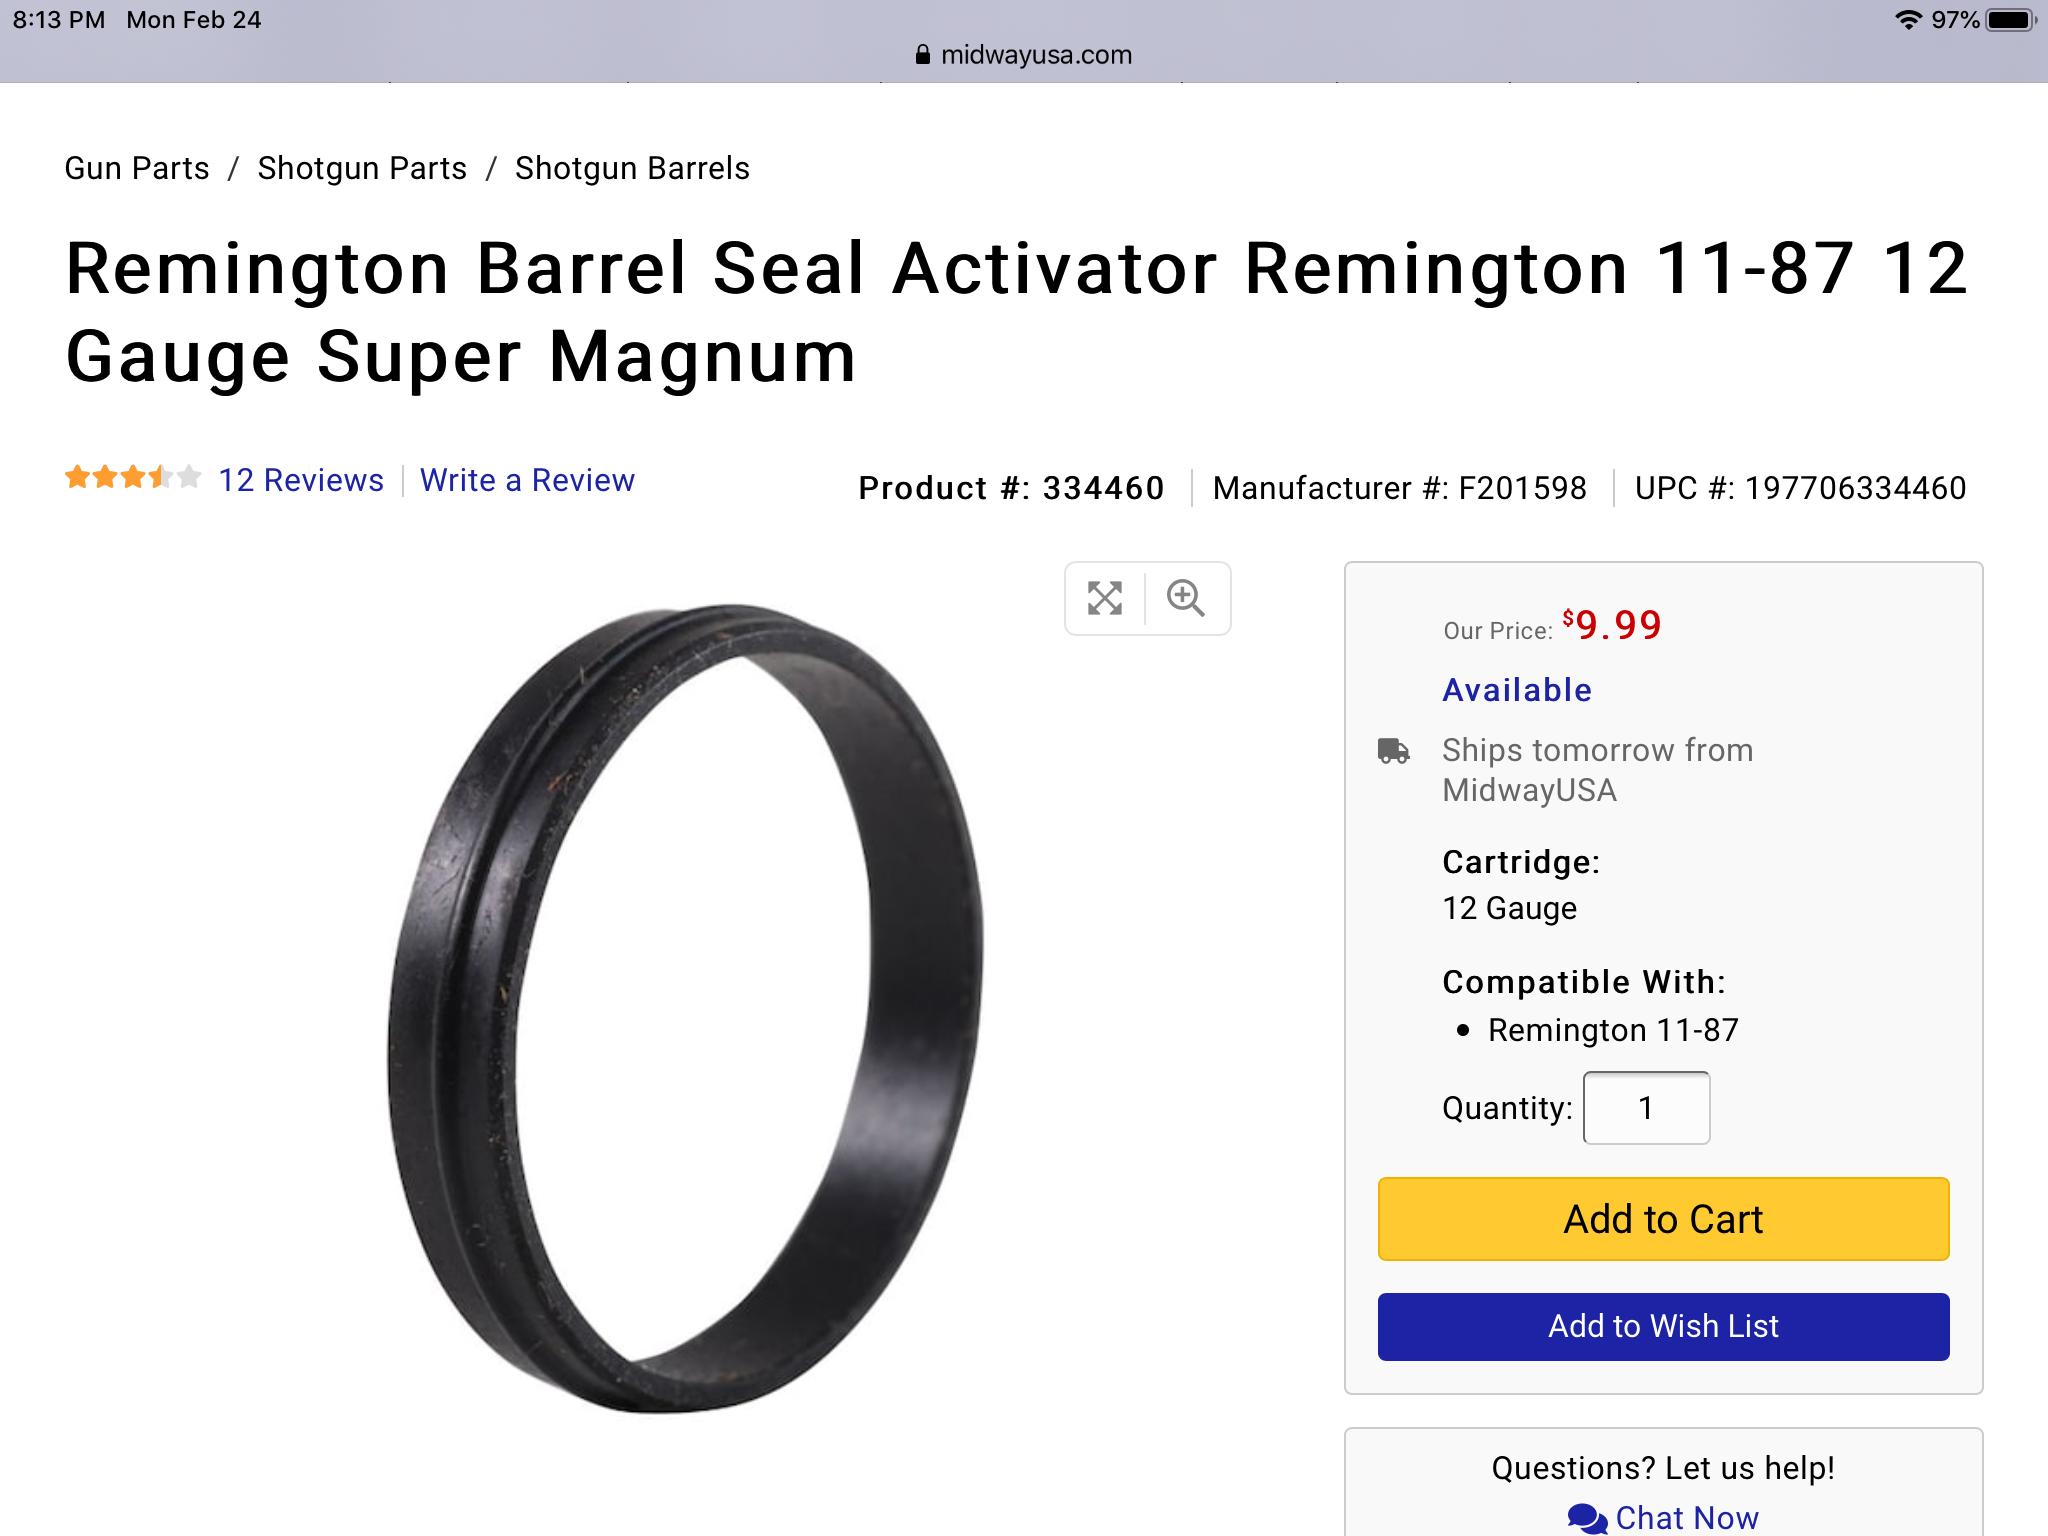 11 87 super magnum barrel seal activator kit